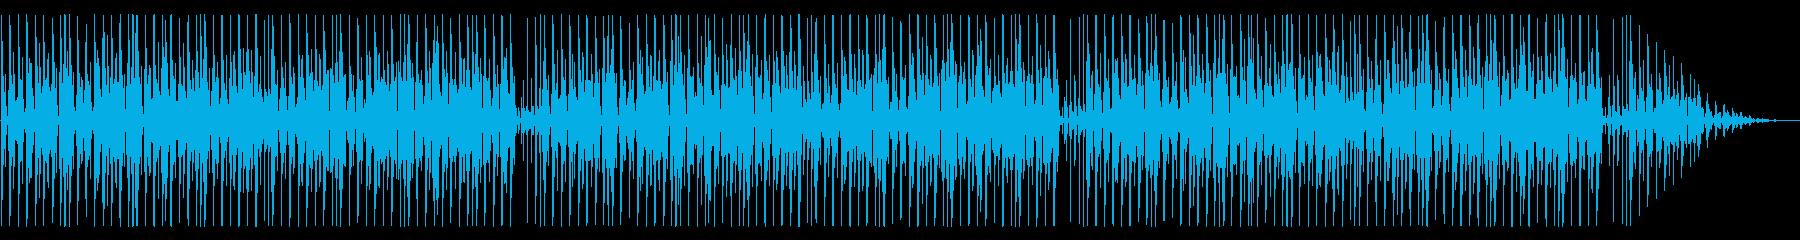 ウクレレと鉄琴がかわいい ほのぼのBGMの再生済みの波形